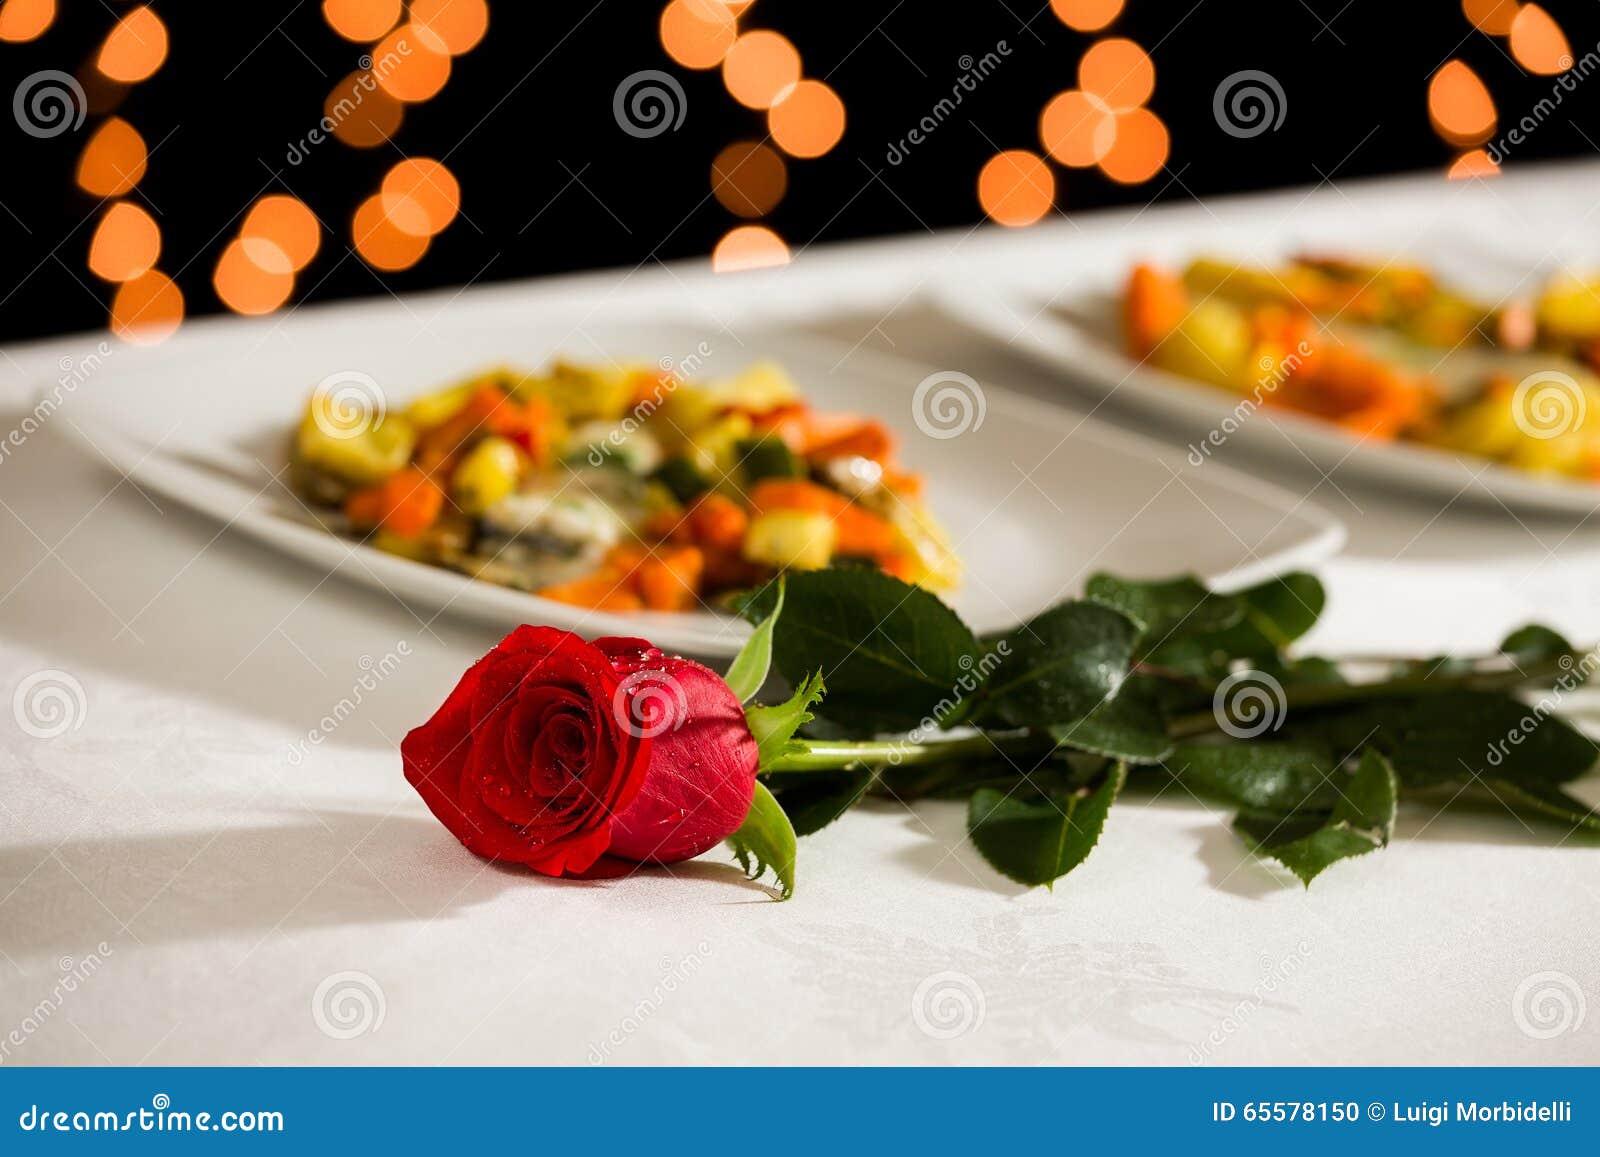 Eine Rose für Valentinstag